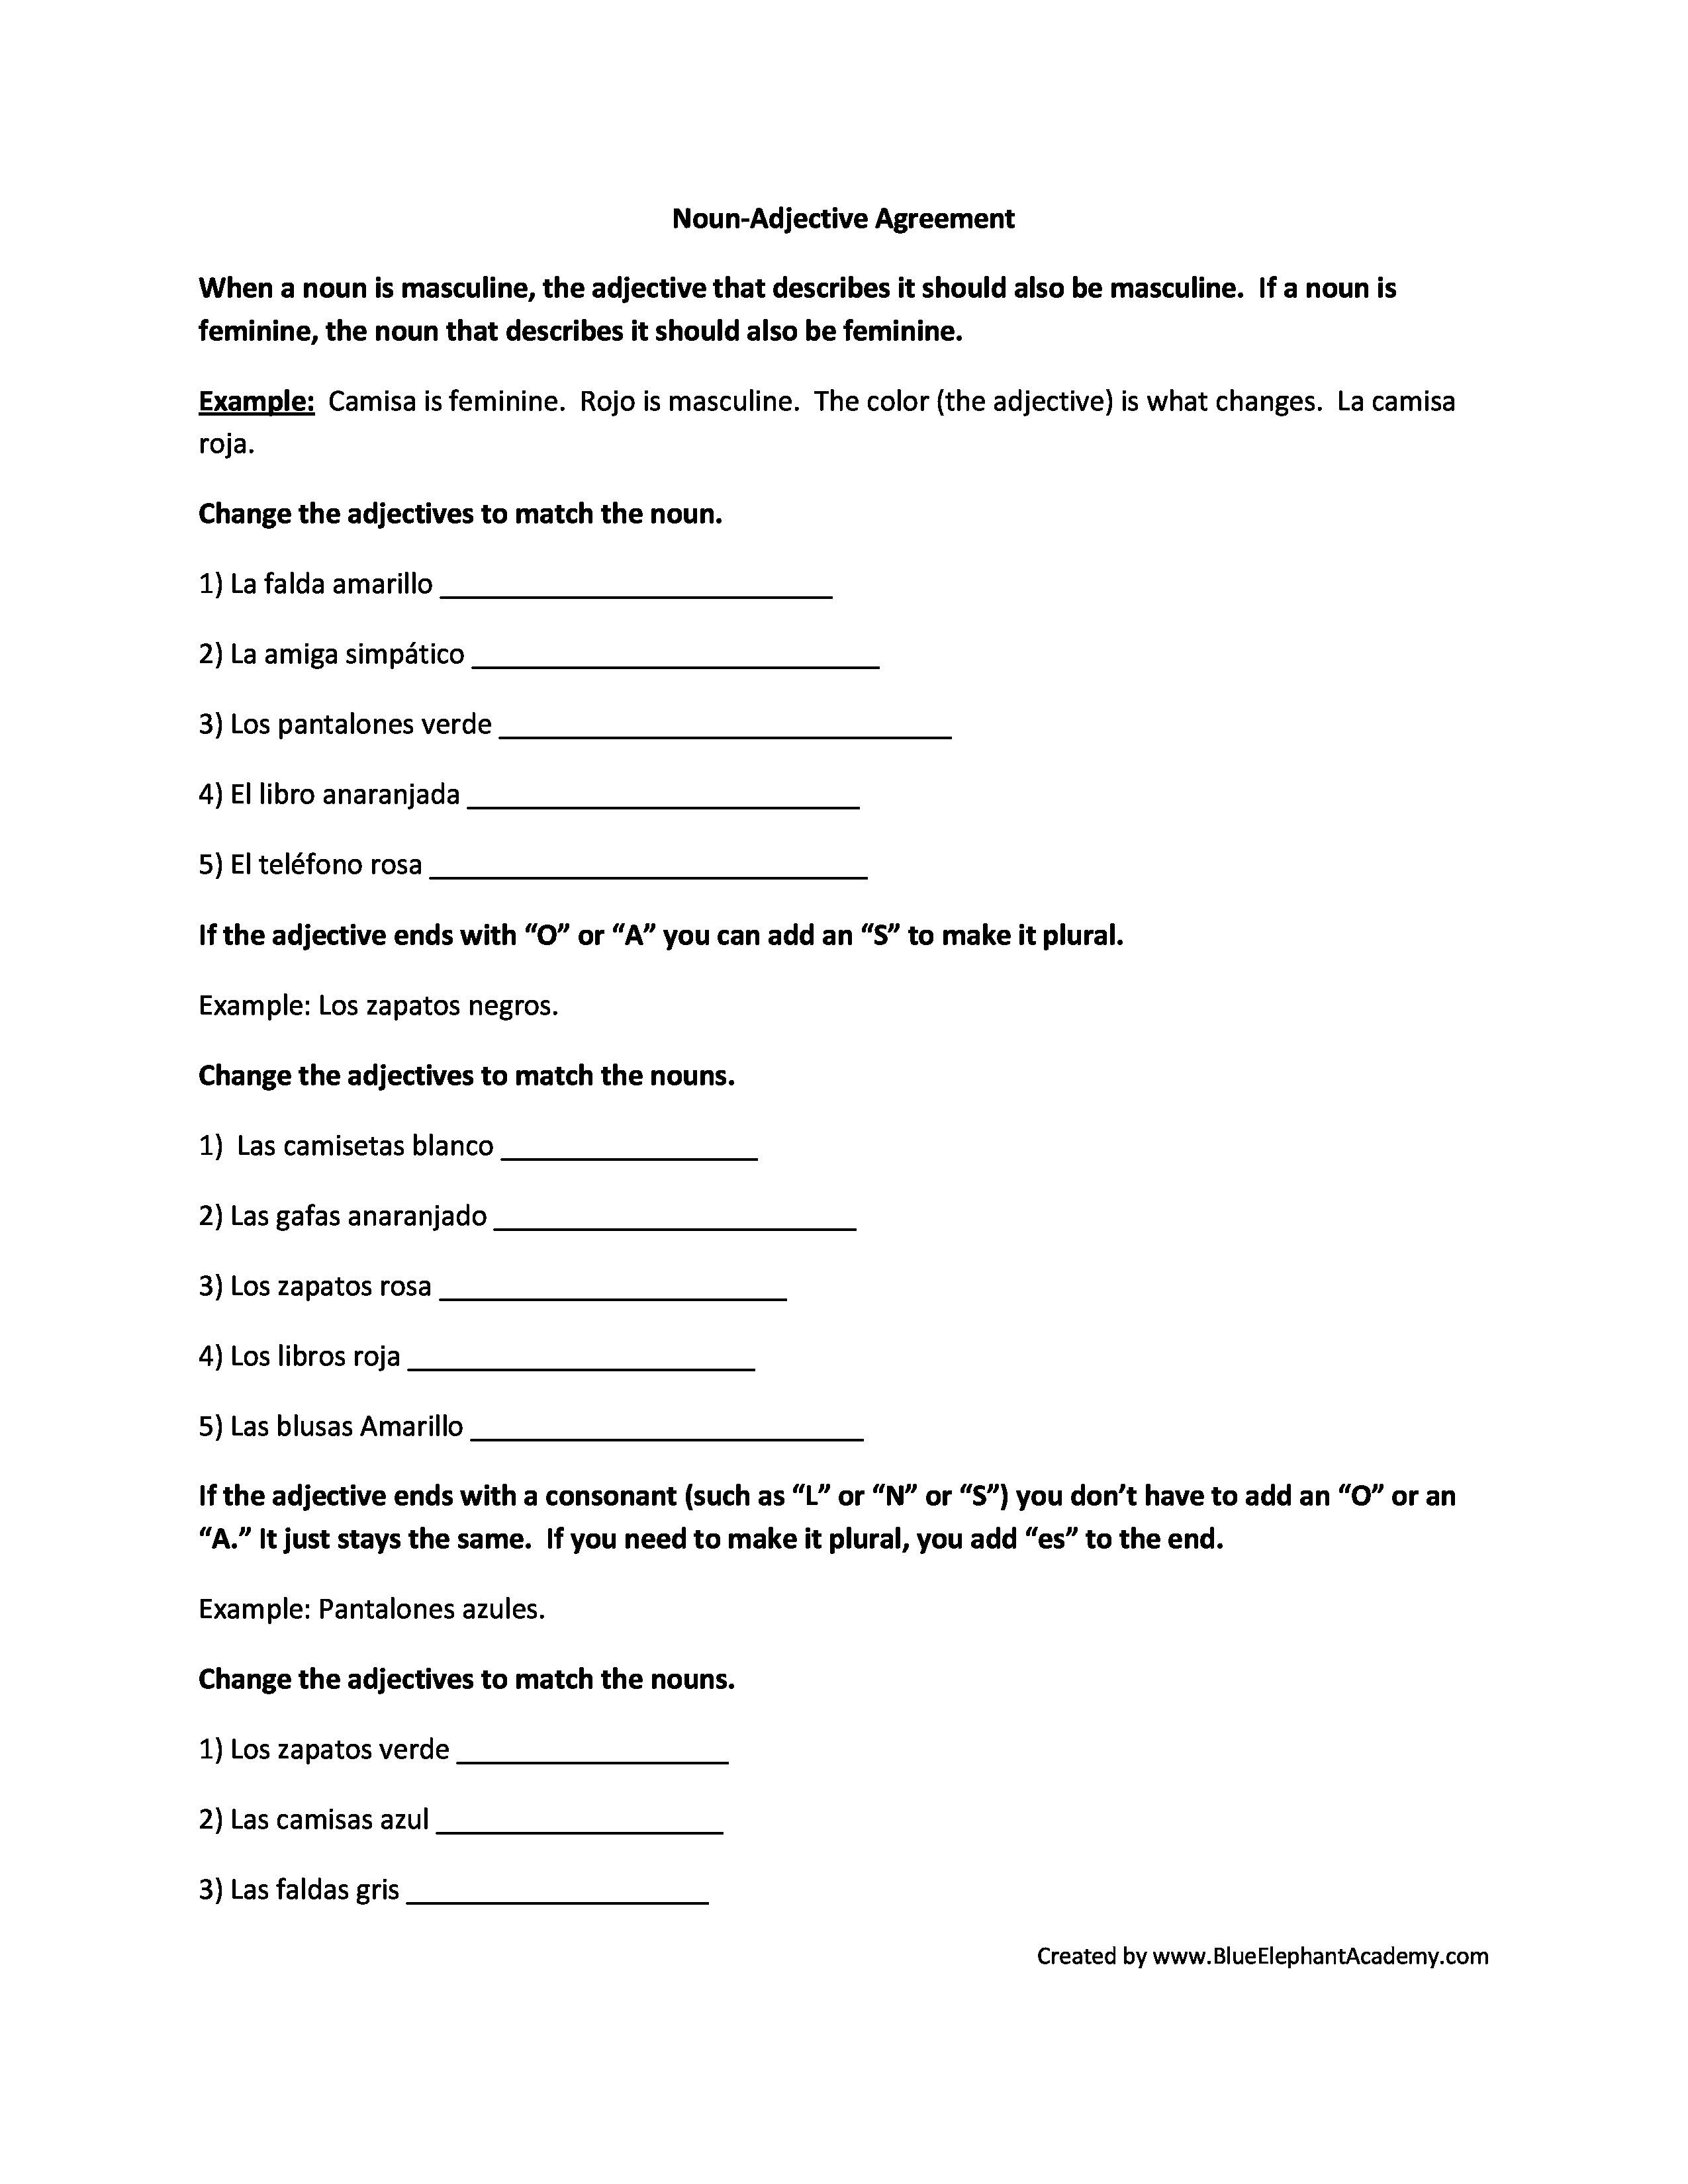 Worksheet. Free Printable Spanish Worksheets. Worksheet Fun - Free Printable Elementary Spanish Worksheets